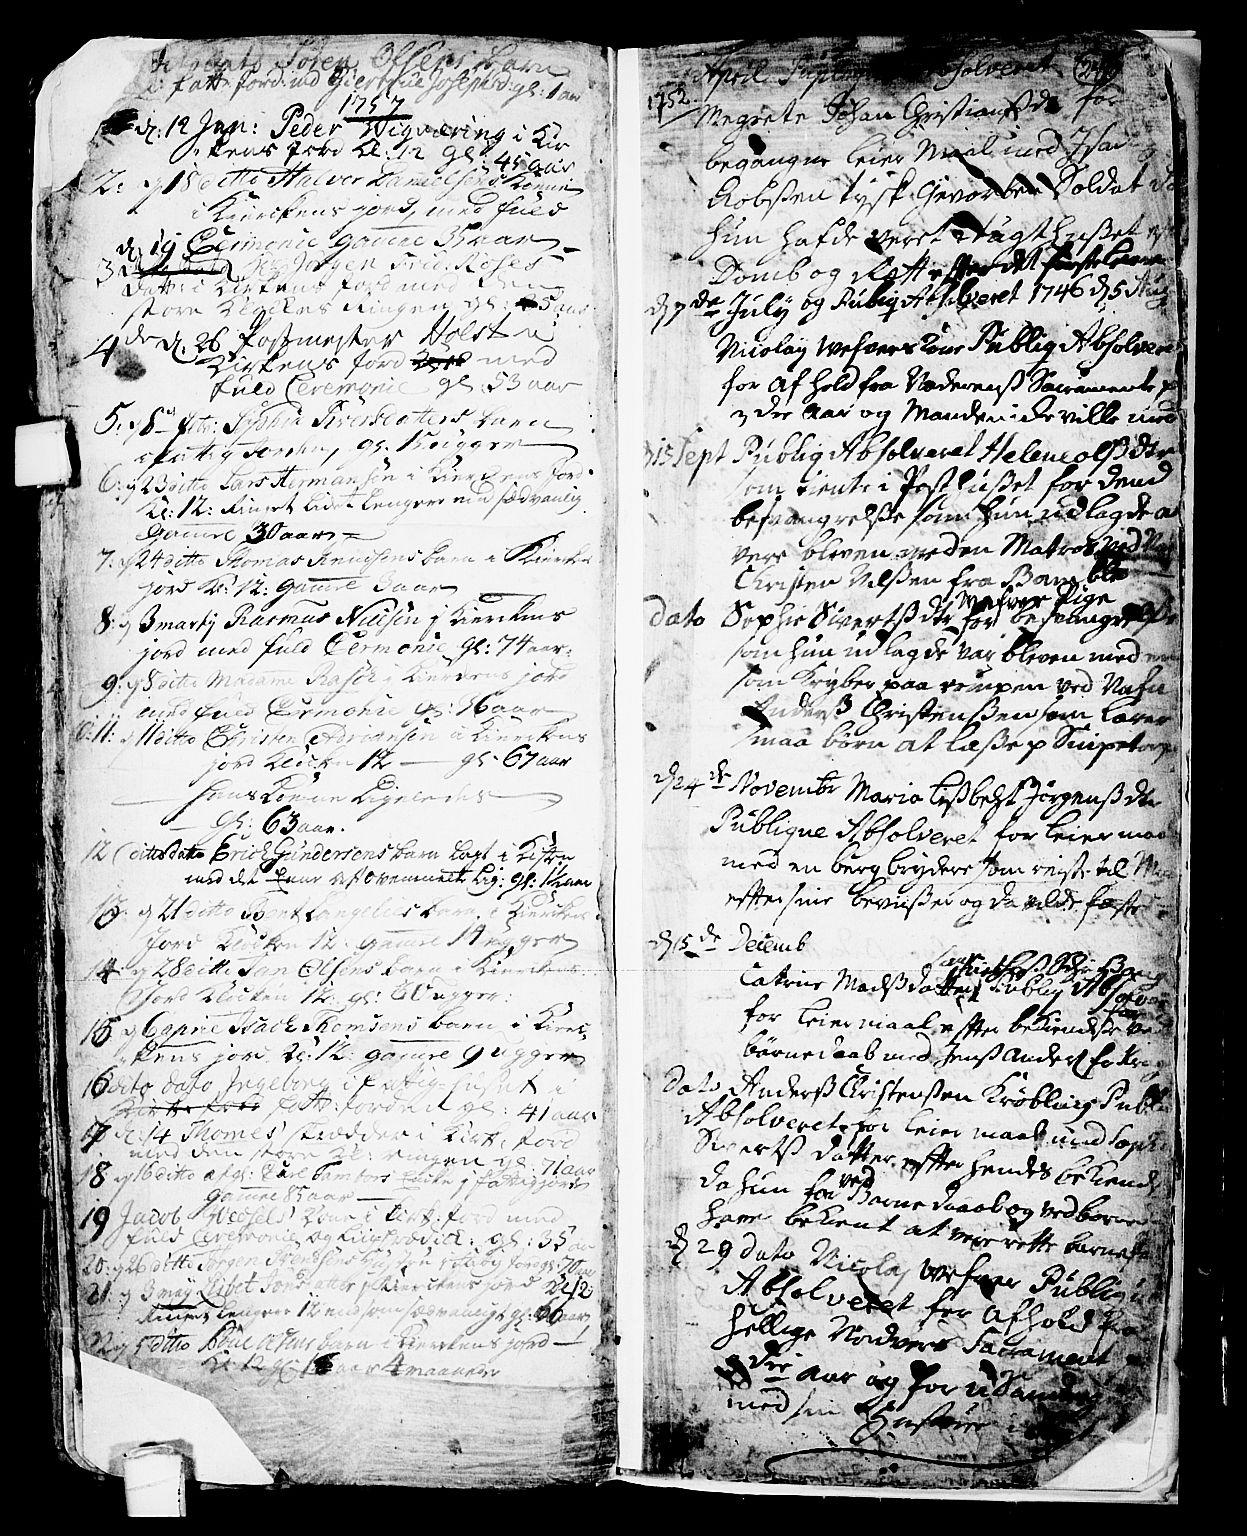 SAKO, Skien kirkebøker, F/Fa/L0002: Ministerialbok nr. 2, 1716-1757, s. 241